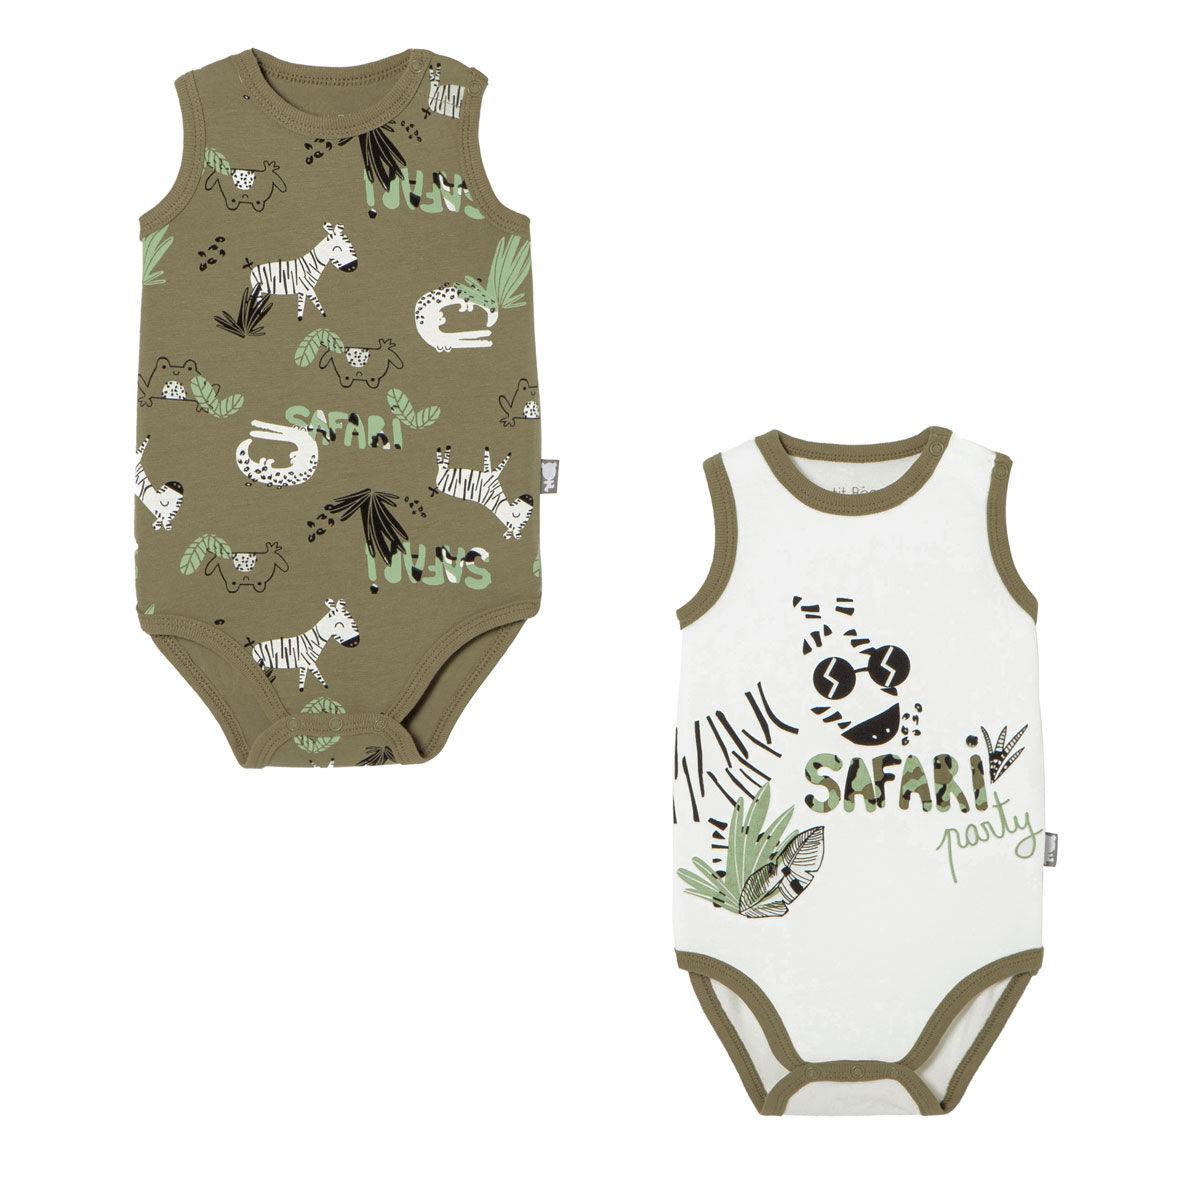 Petit Béguin Lot de 2 bodies bébé garçon débardeurs bébé Nerobi - Taille - 9 mois